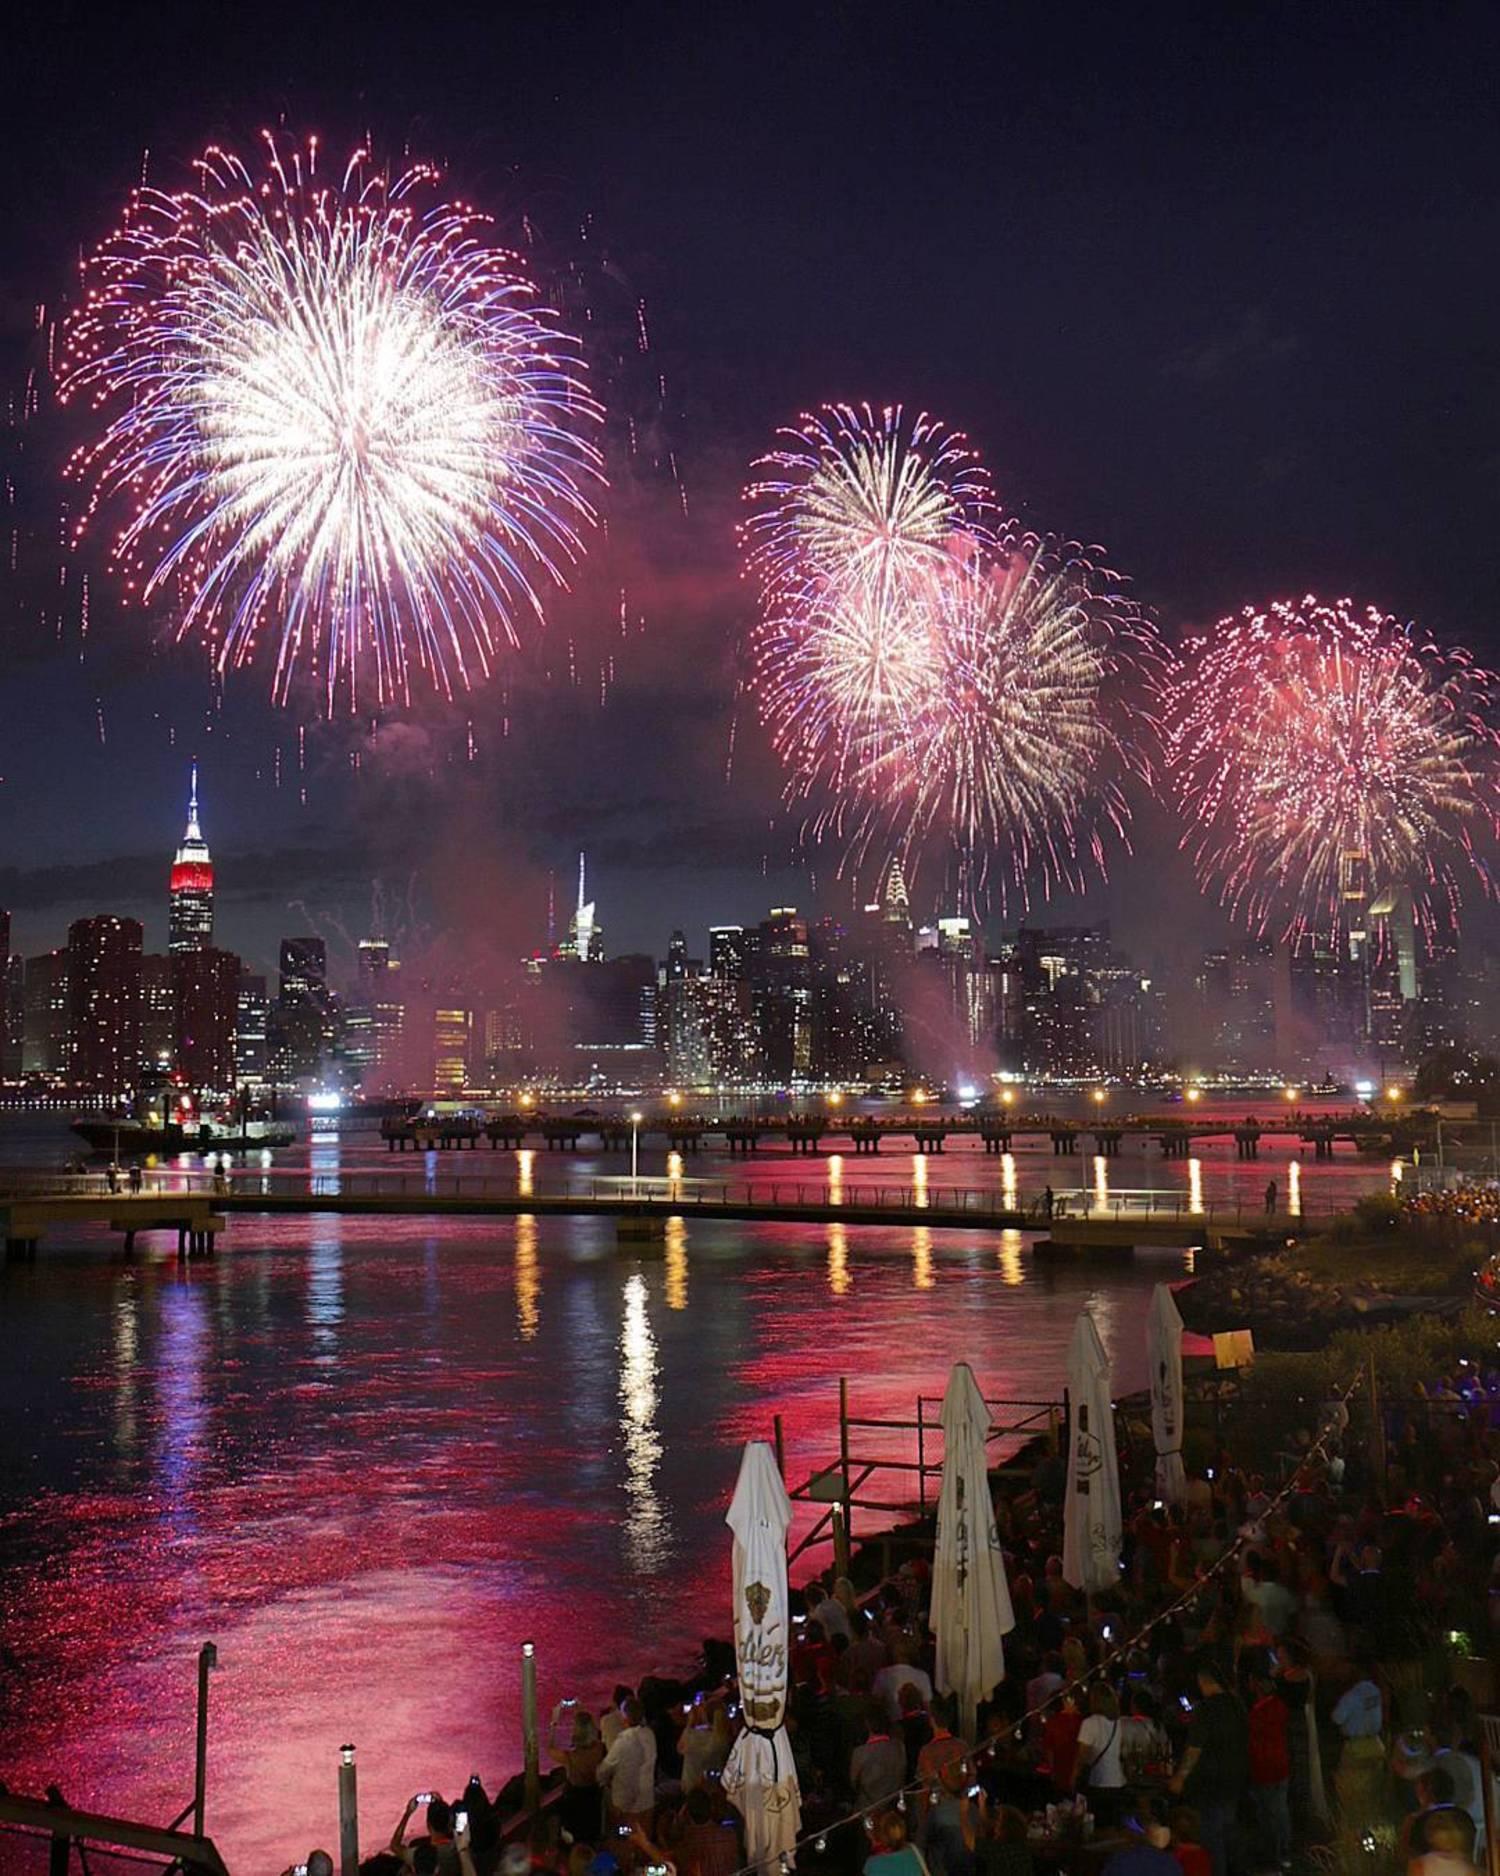 Happy Birthday, America! 🎁  #MacysFireworks #FourthofJuly